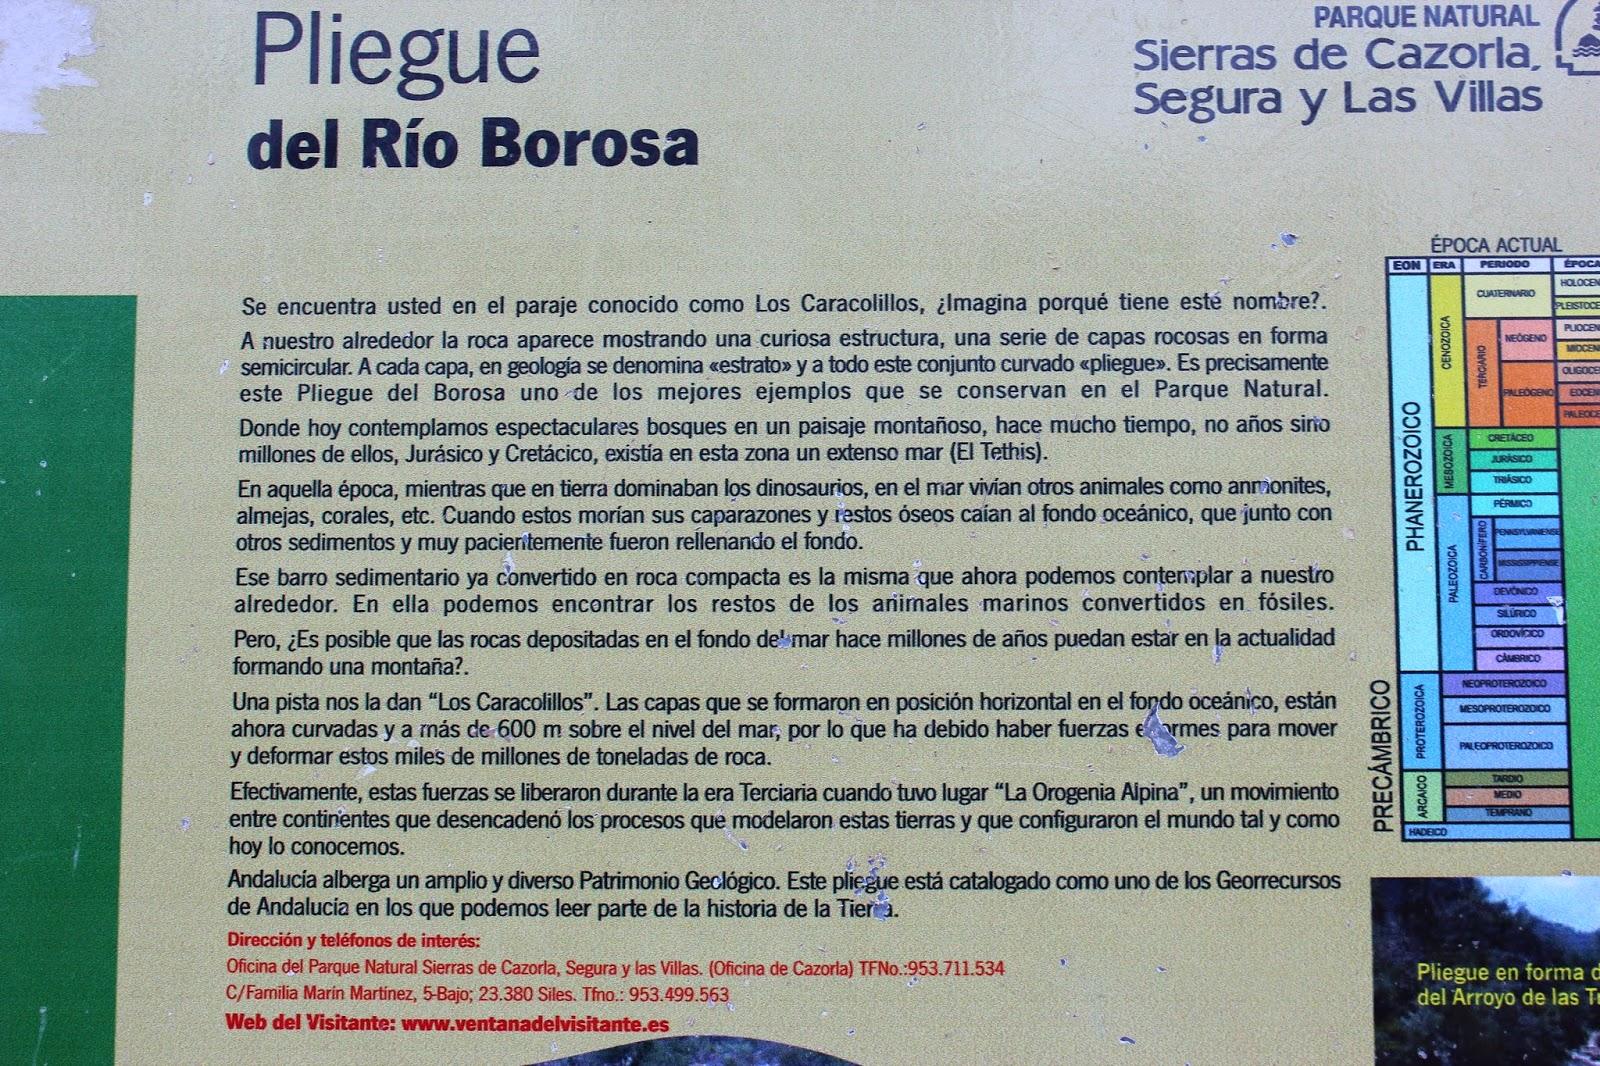 Cartel pliegue río Borosa